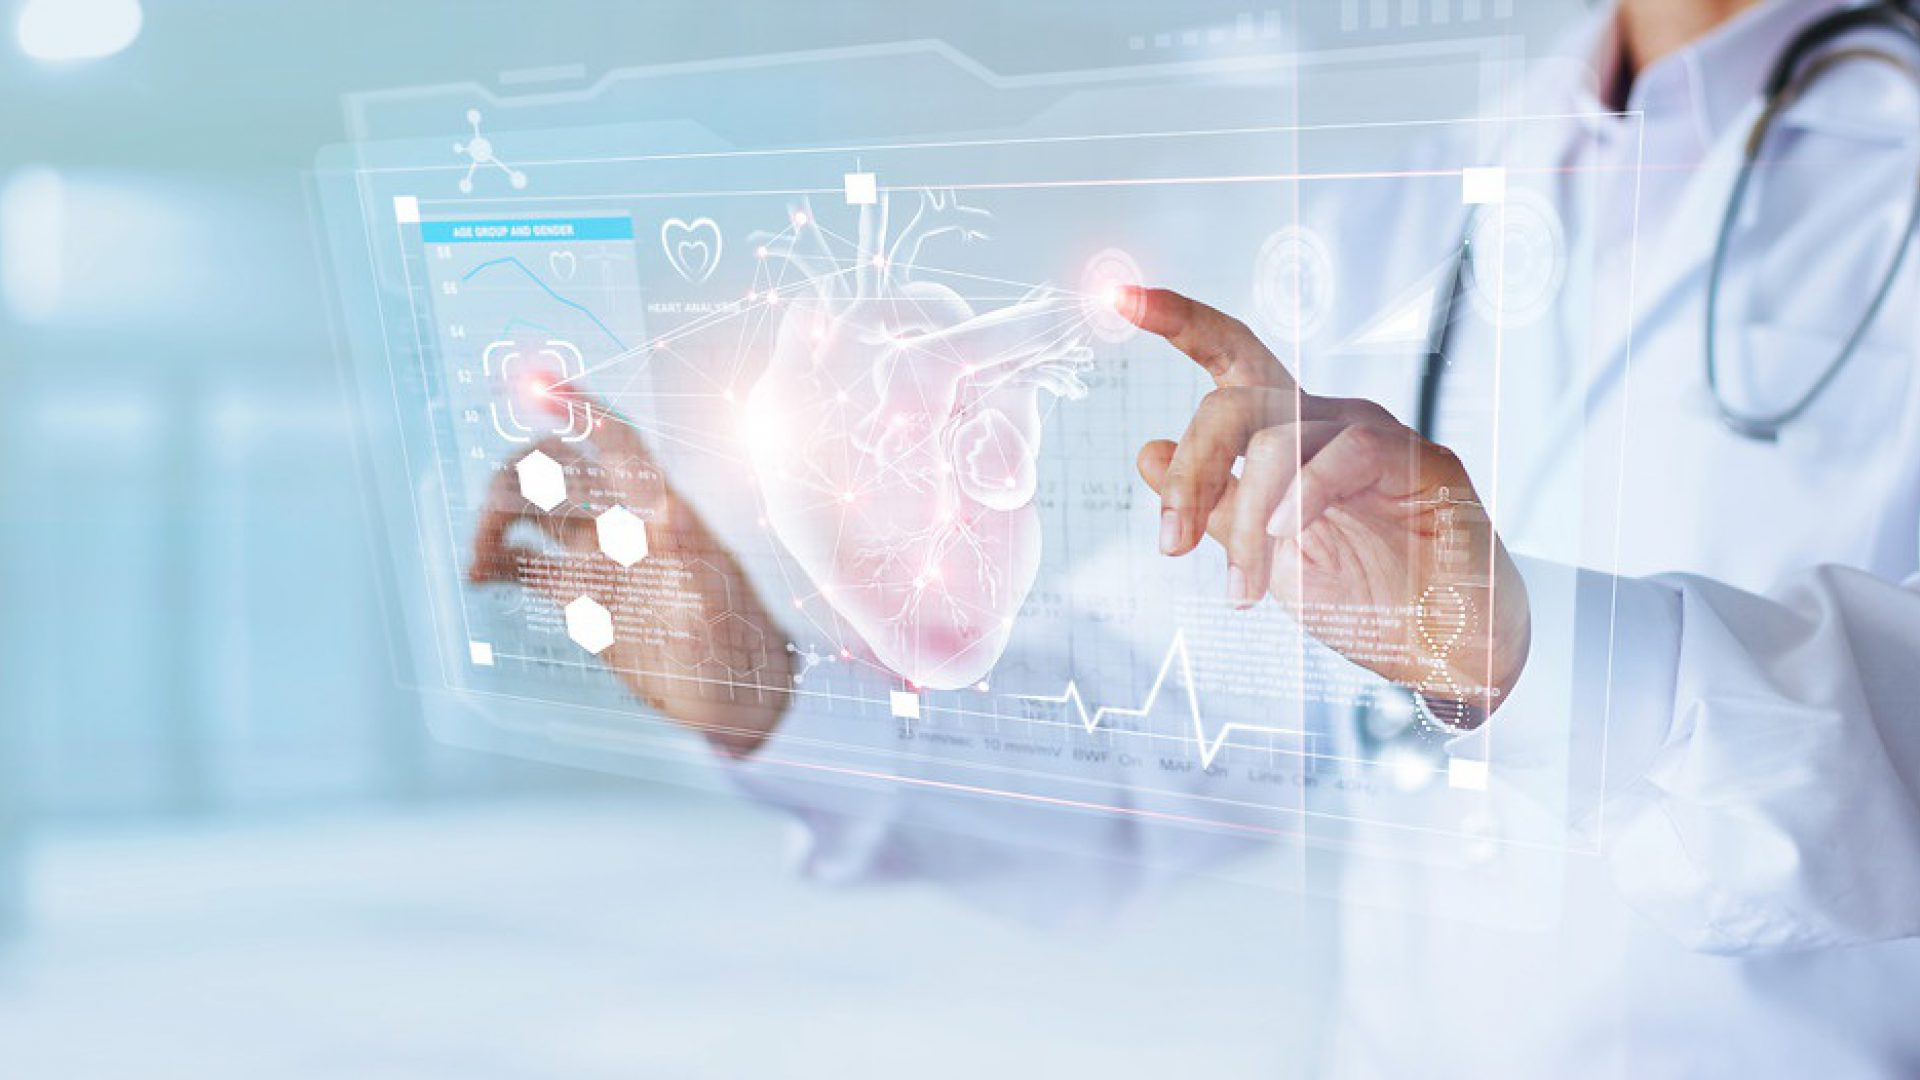 Hart-innovatie-technologie-digitaal-16x9